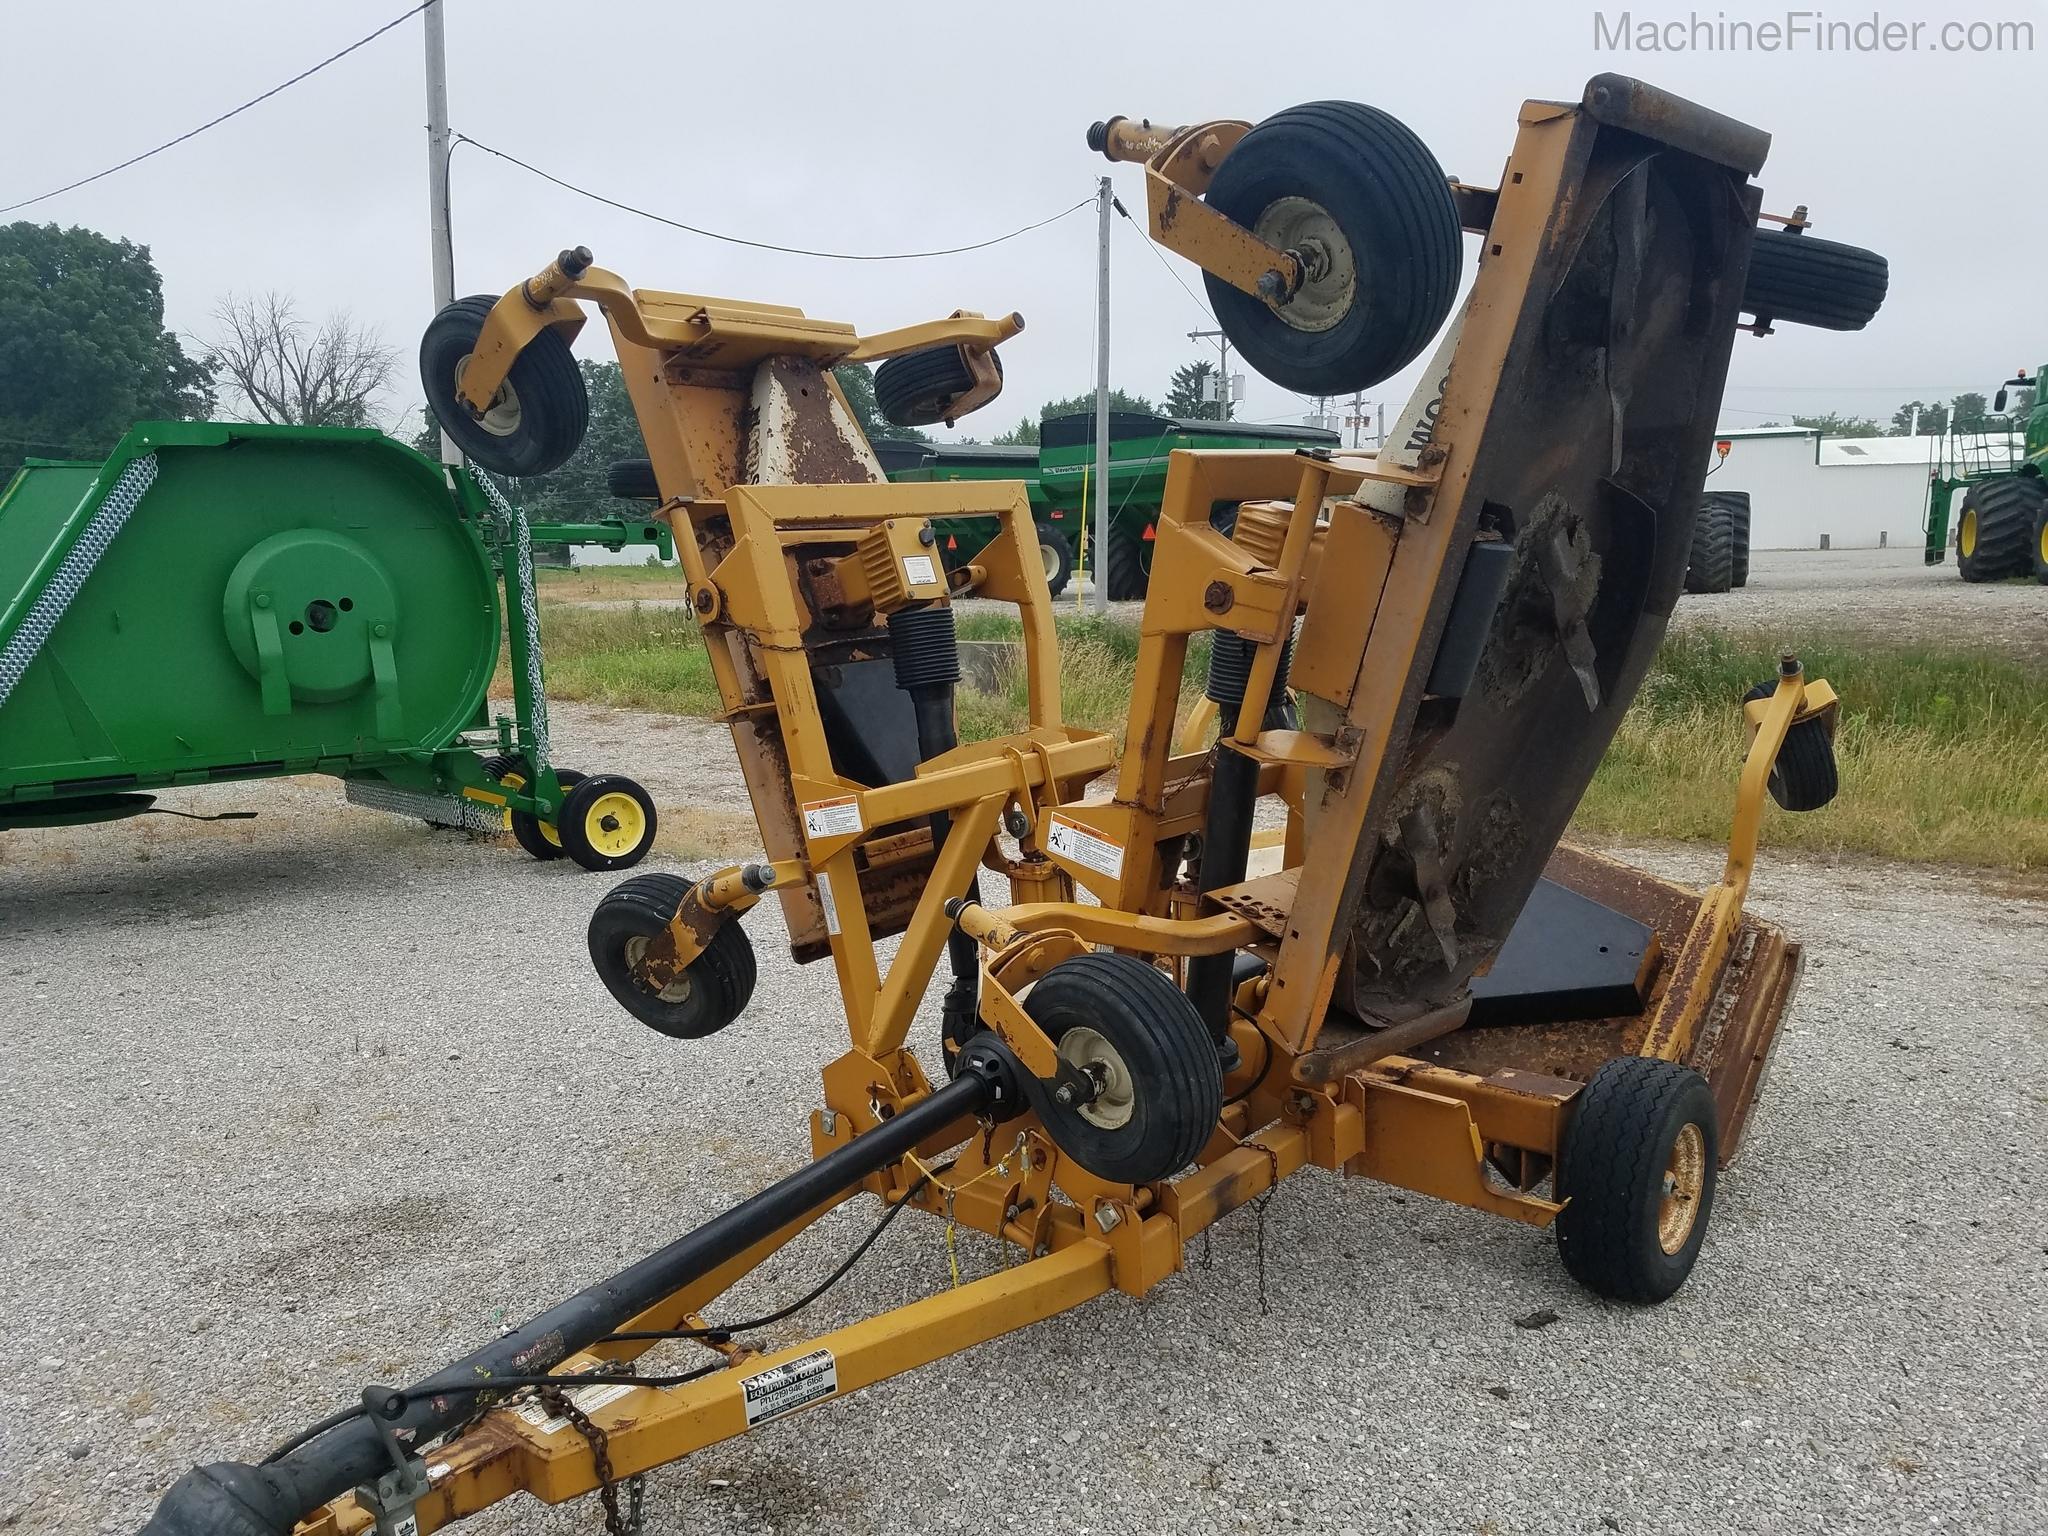 Woods 9180-2 - Attachments for Lawn & Garden Tractors - John Deere ...